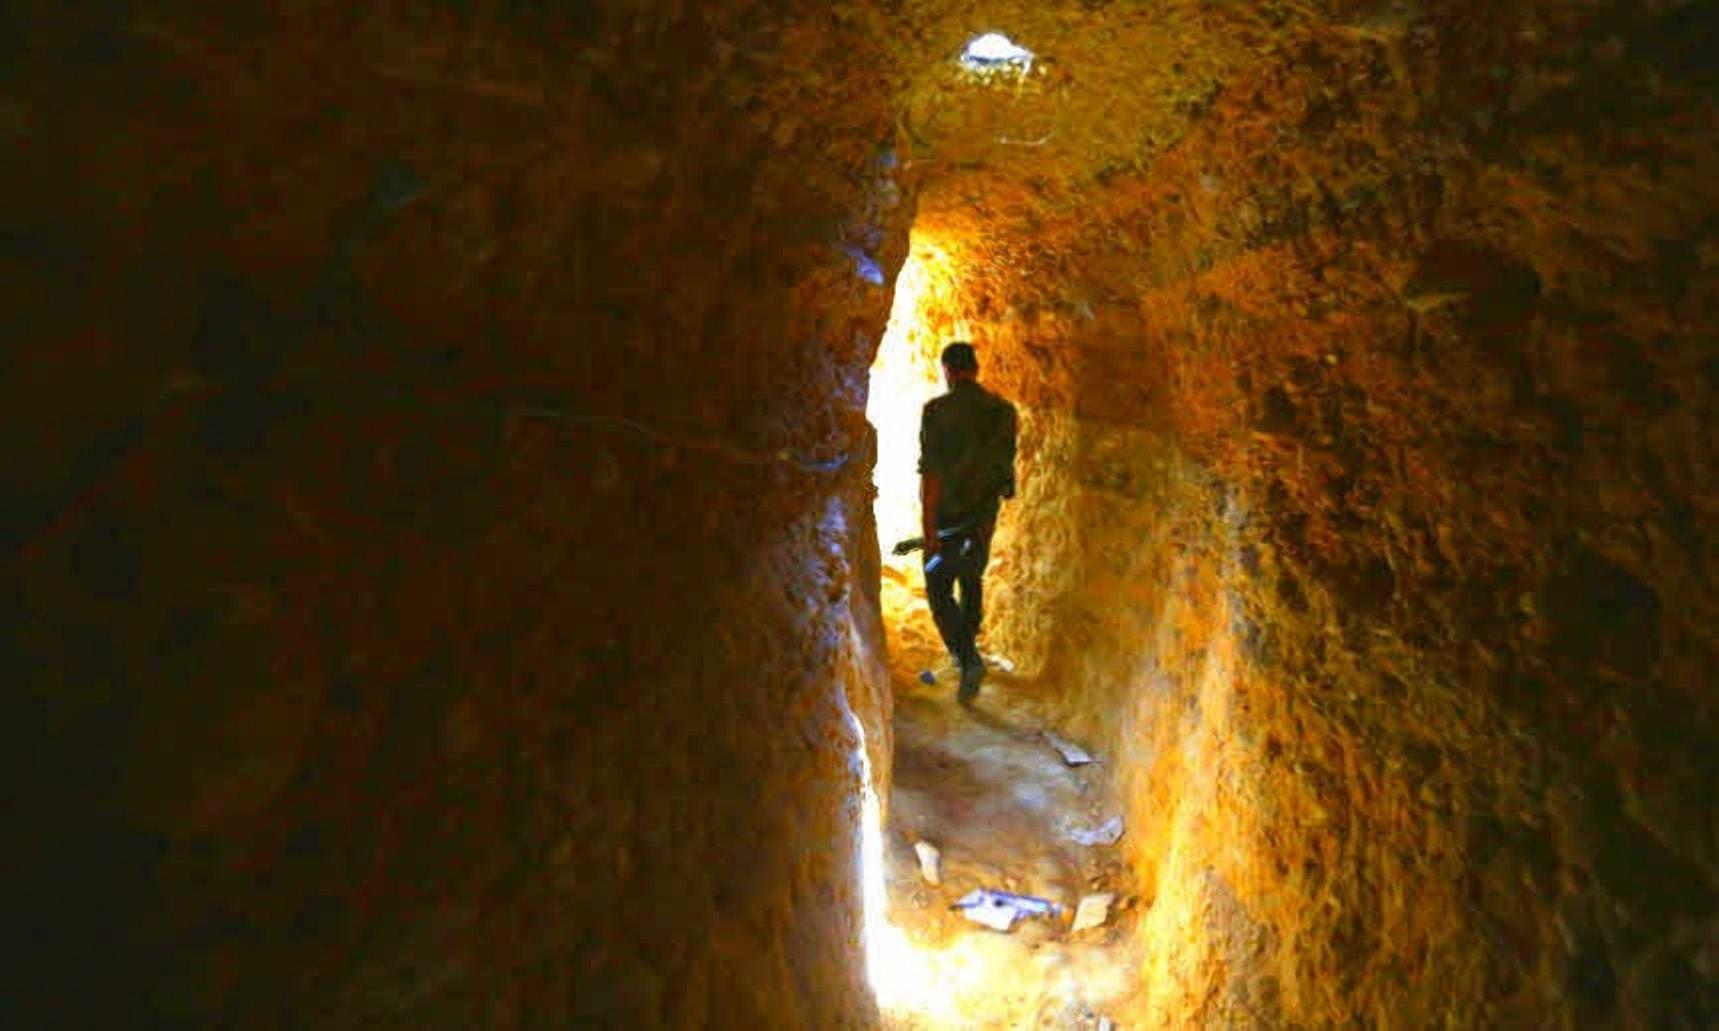 Бои в подземельях - июльские эпизоды обороны